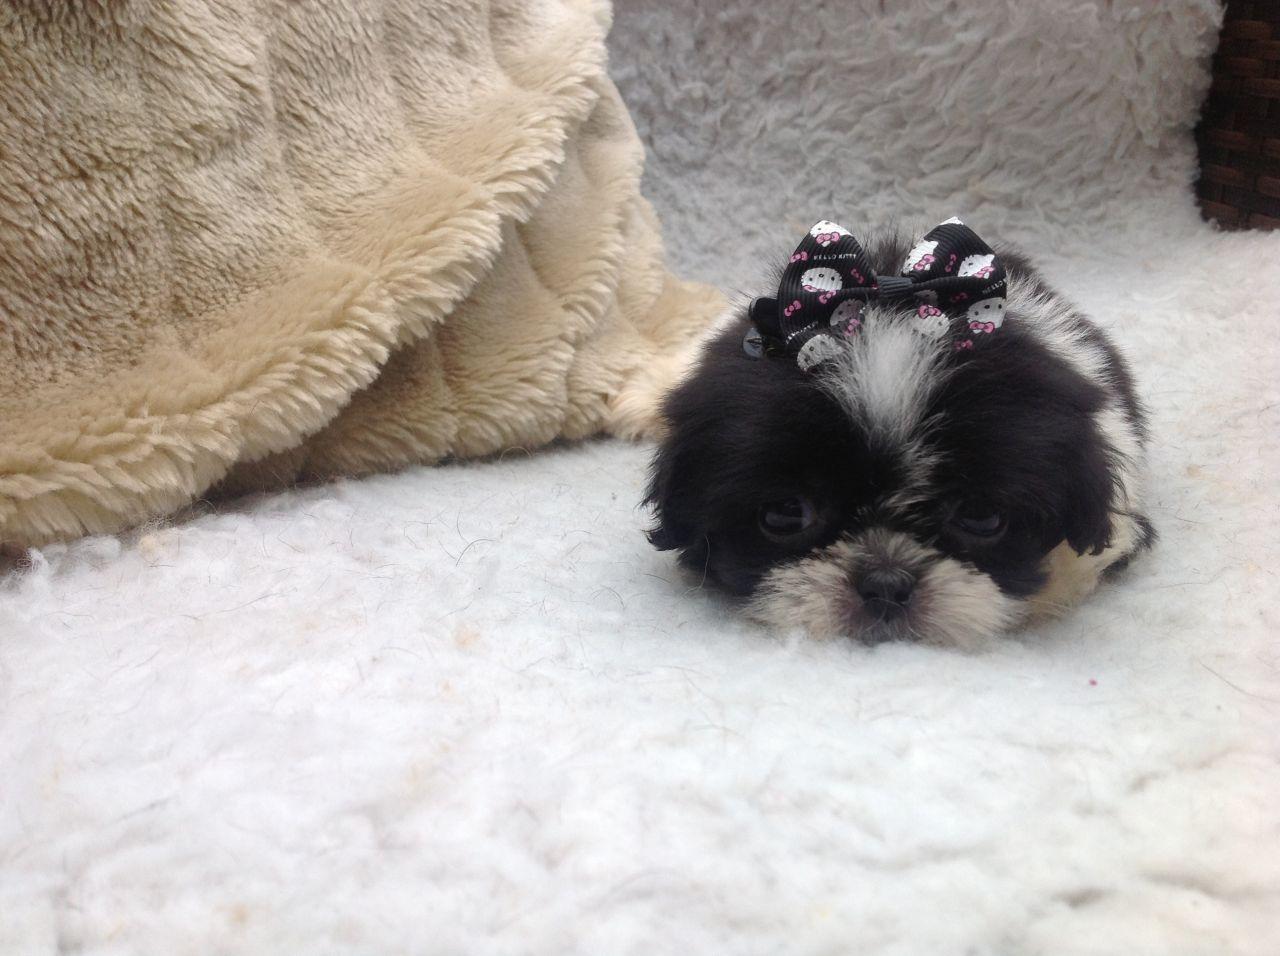 Shih Tzu Puppy Tea Cup Size Shih Tzu Puppy Shih Tzu Puppies